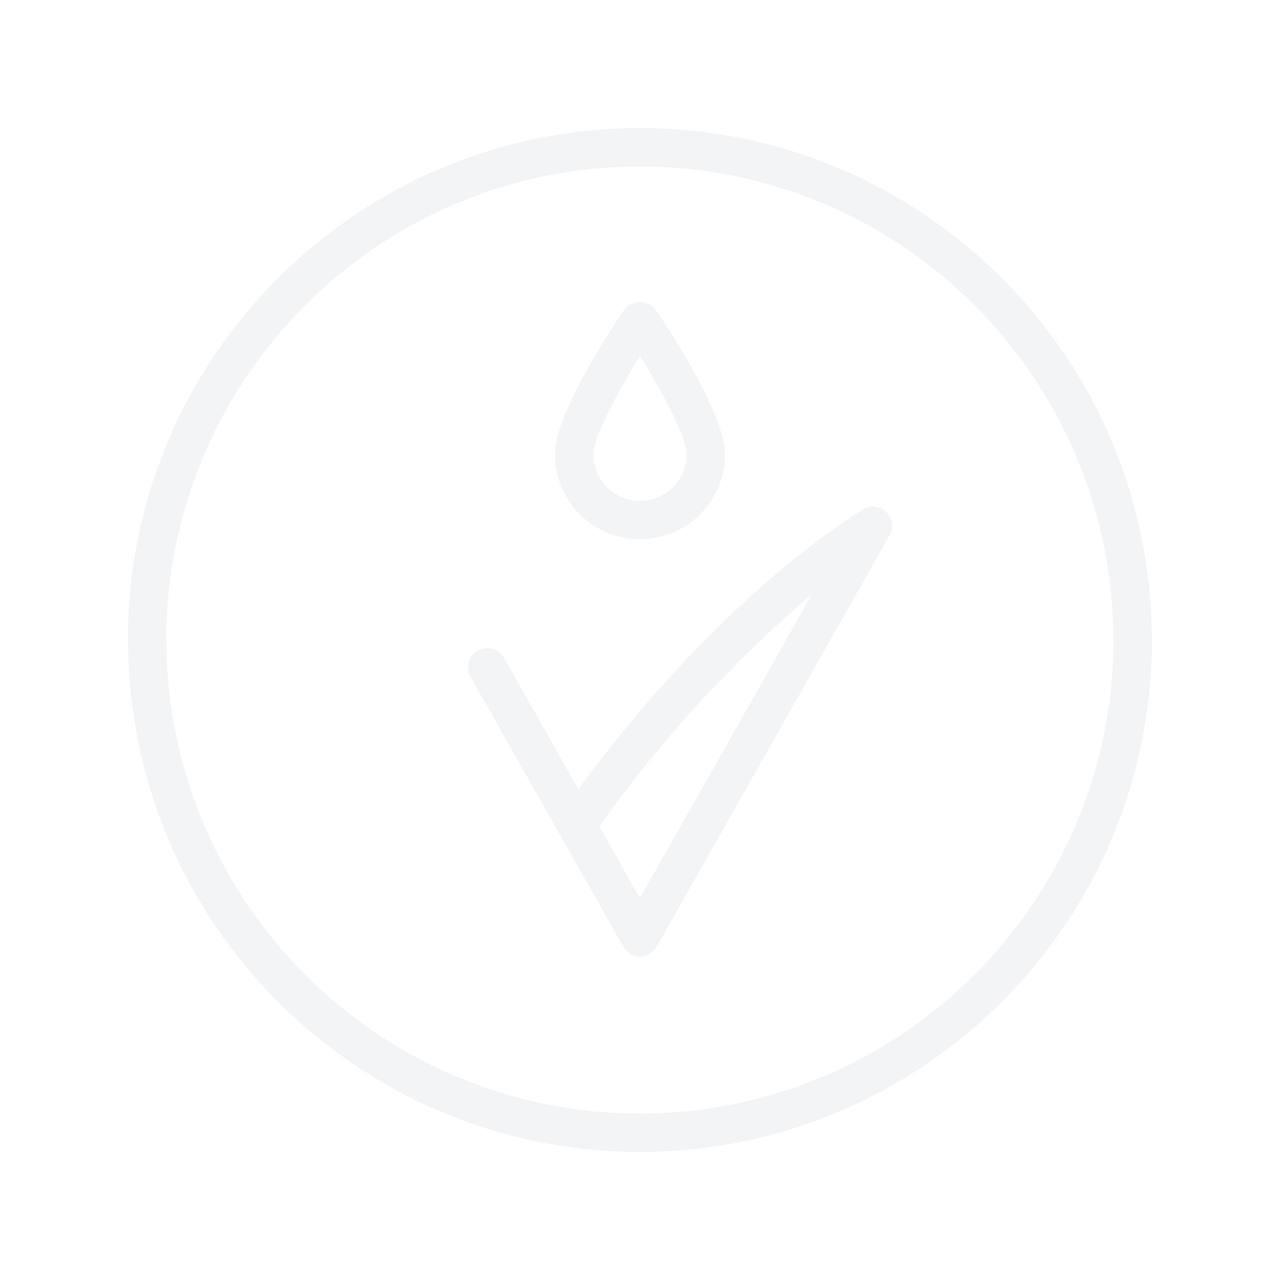 Clinique Age Defence BB Cream SPF30 No.02 40ml